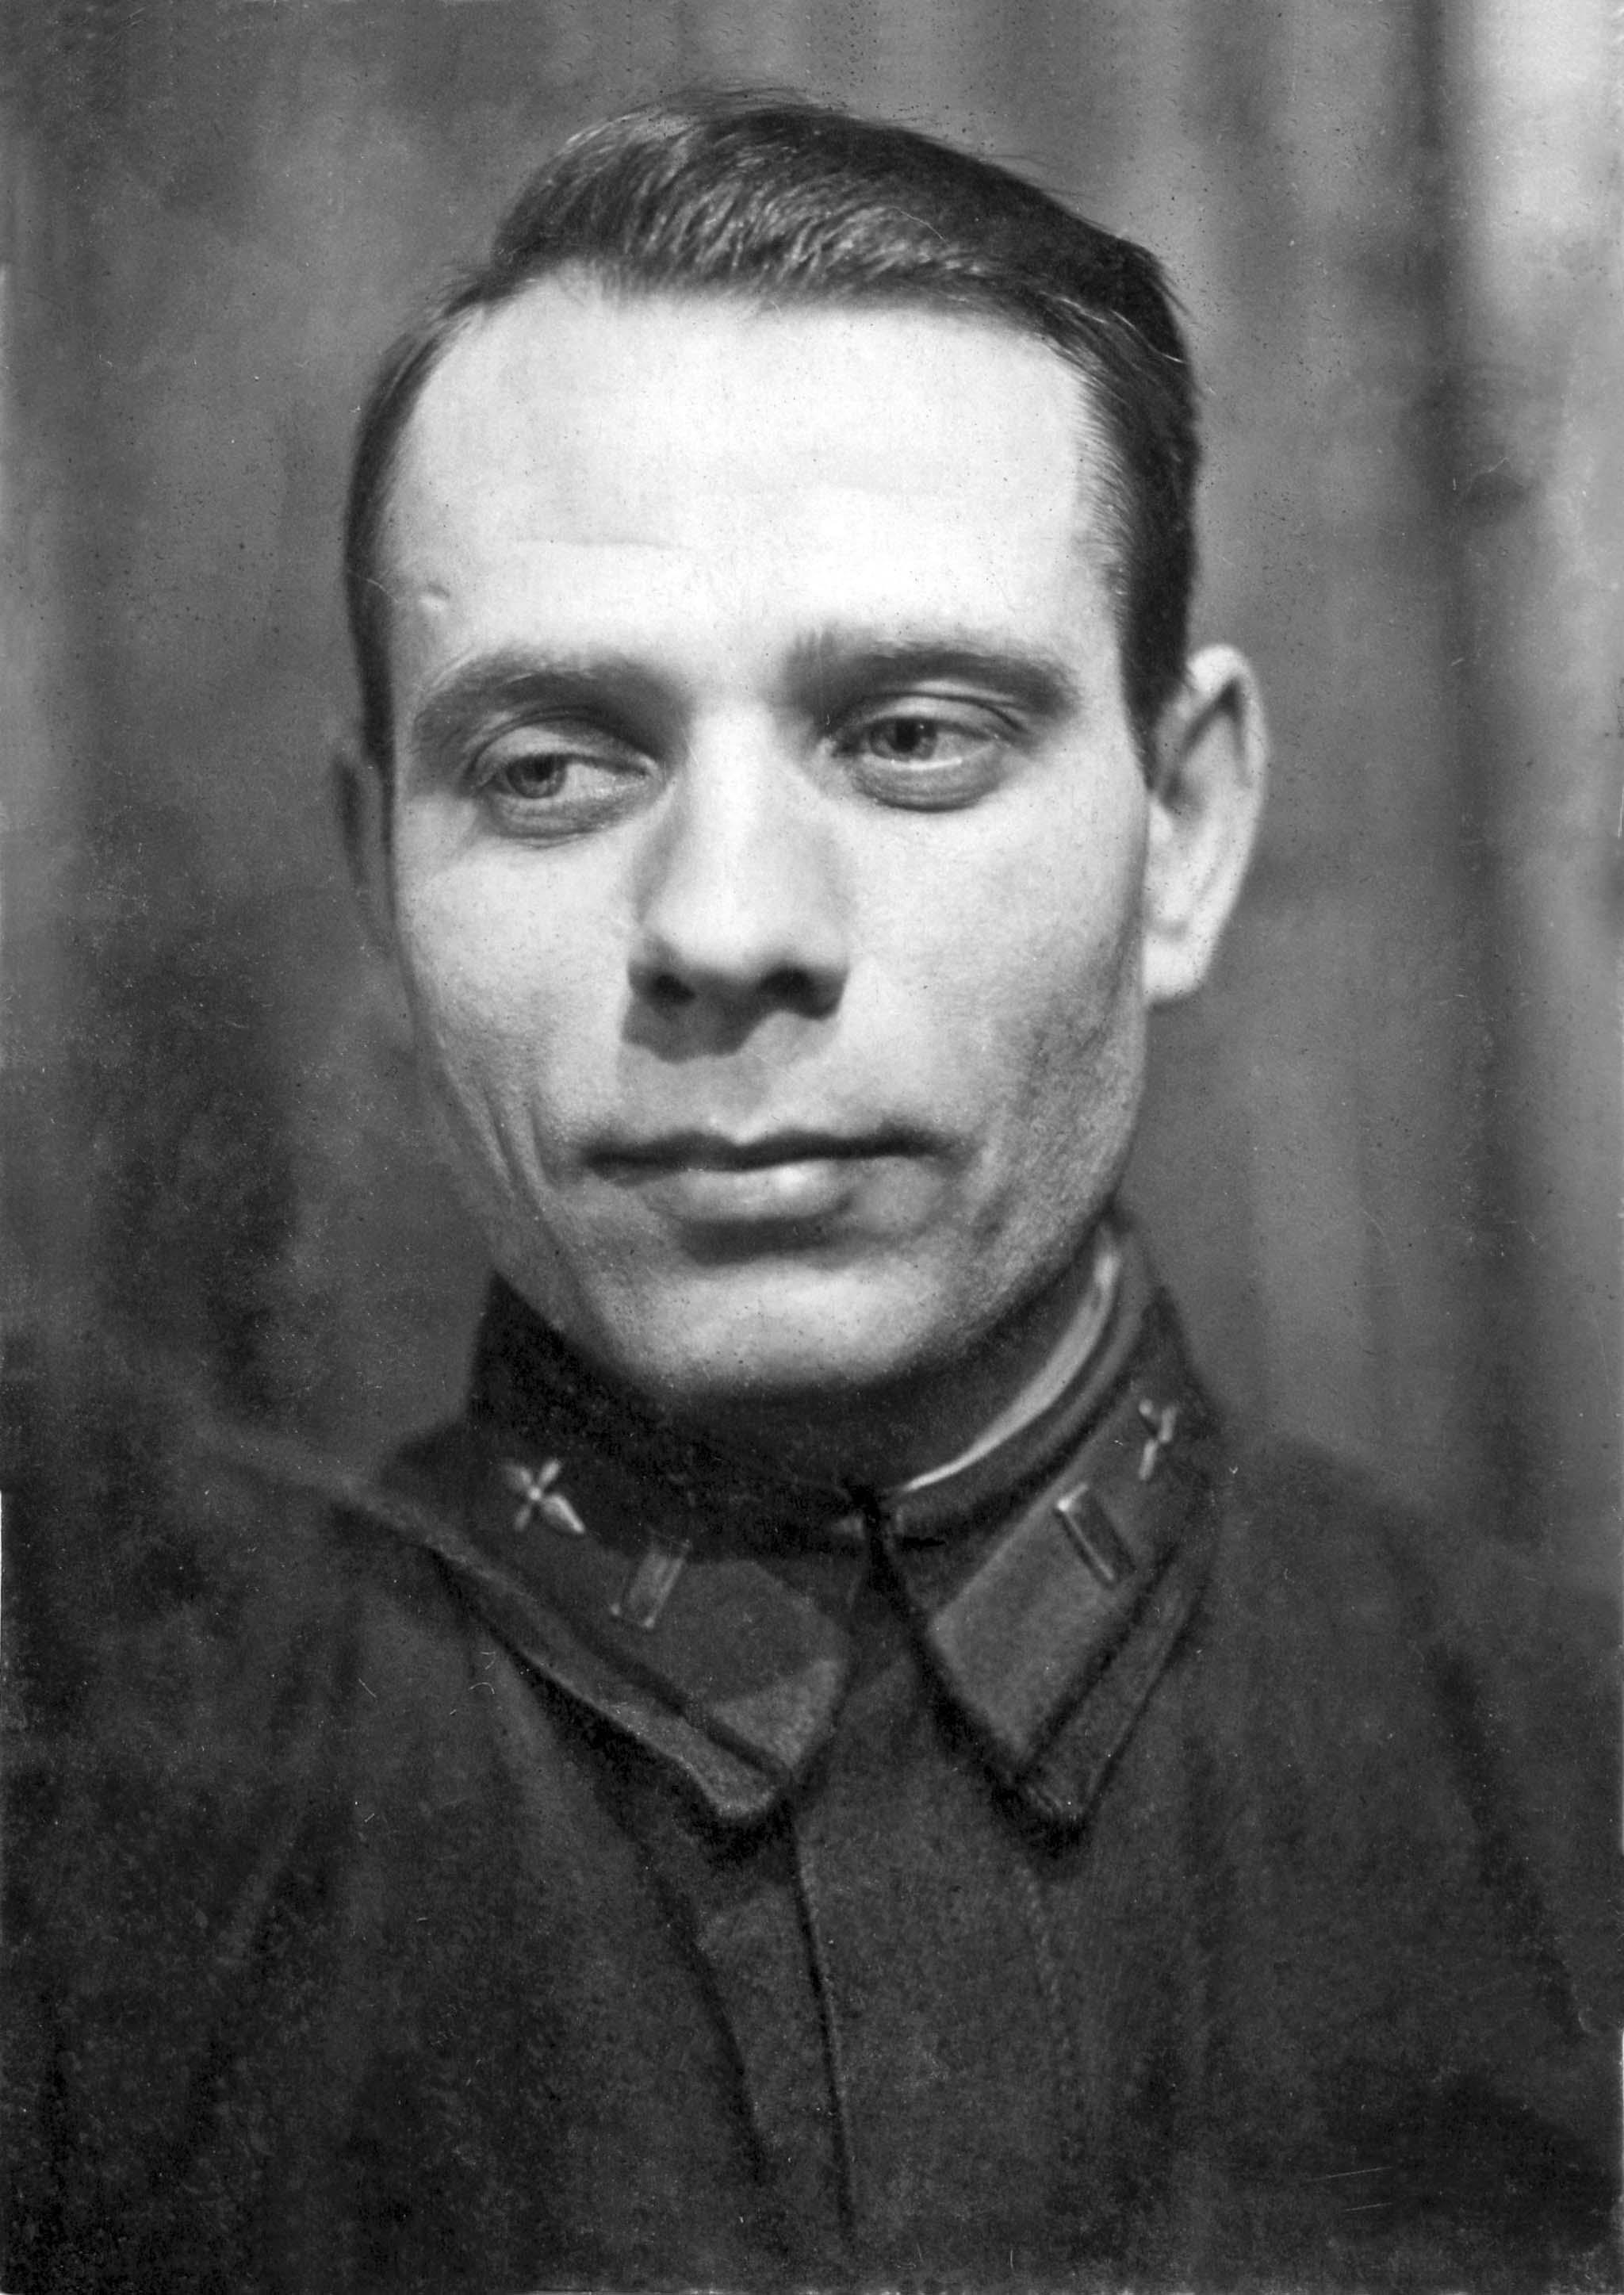 Vyacheslav Bashkirov